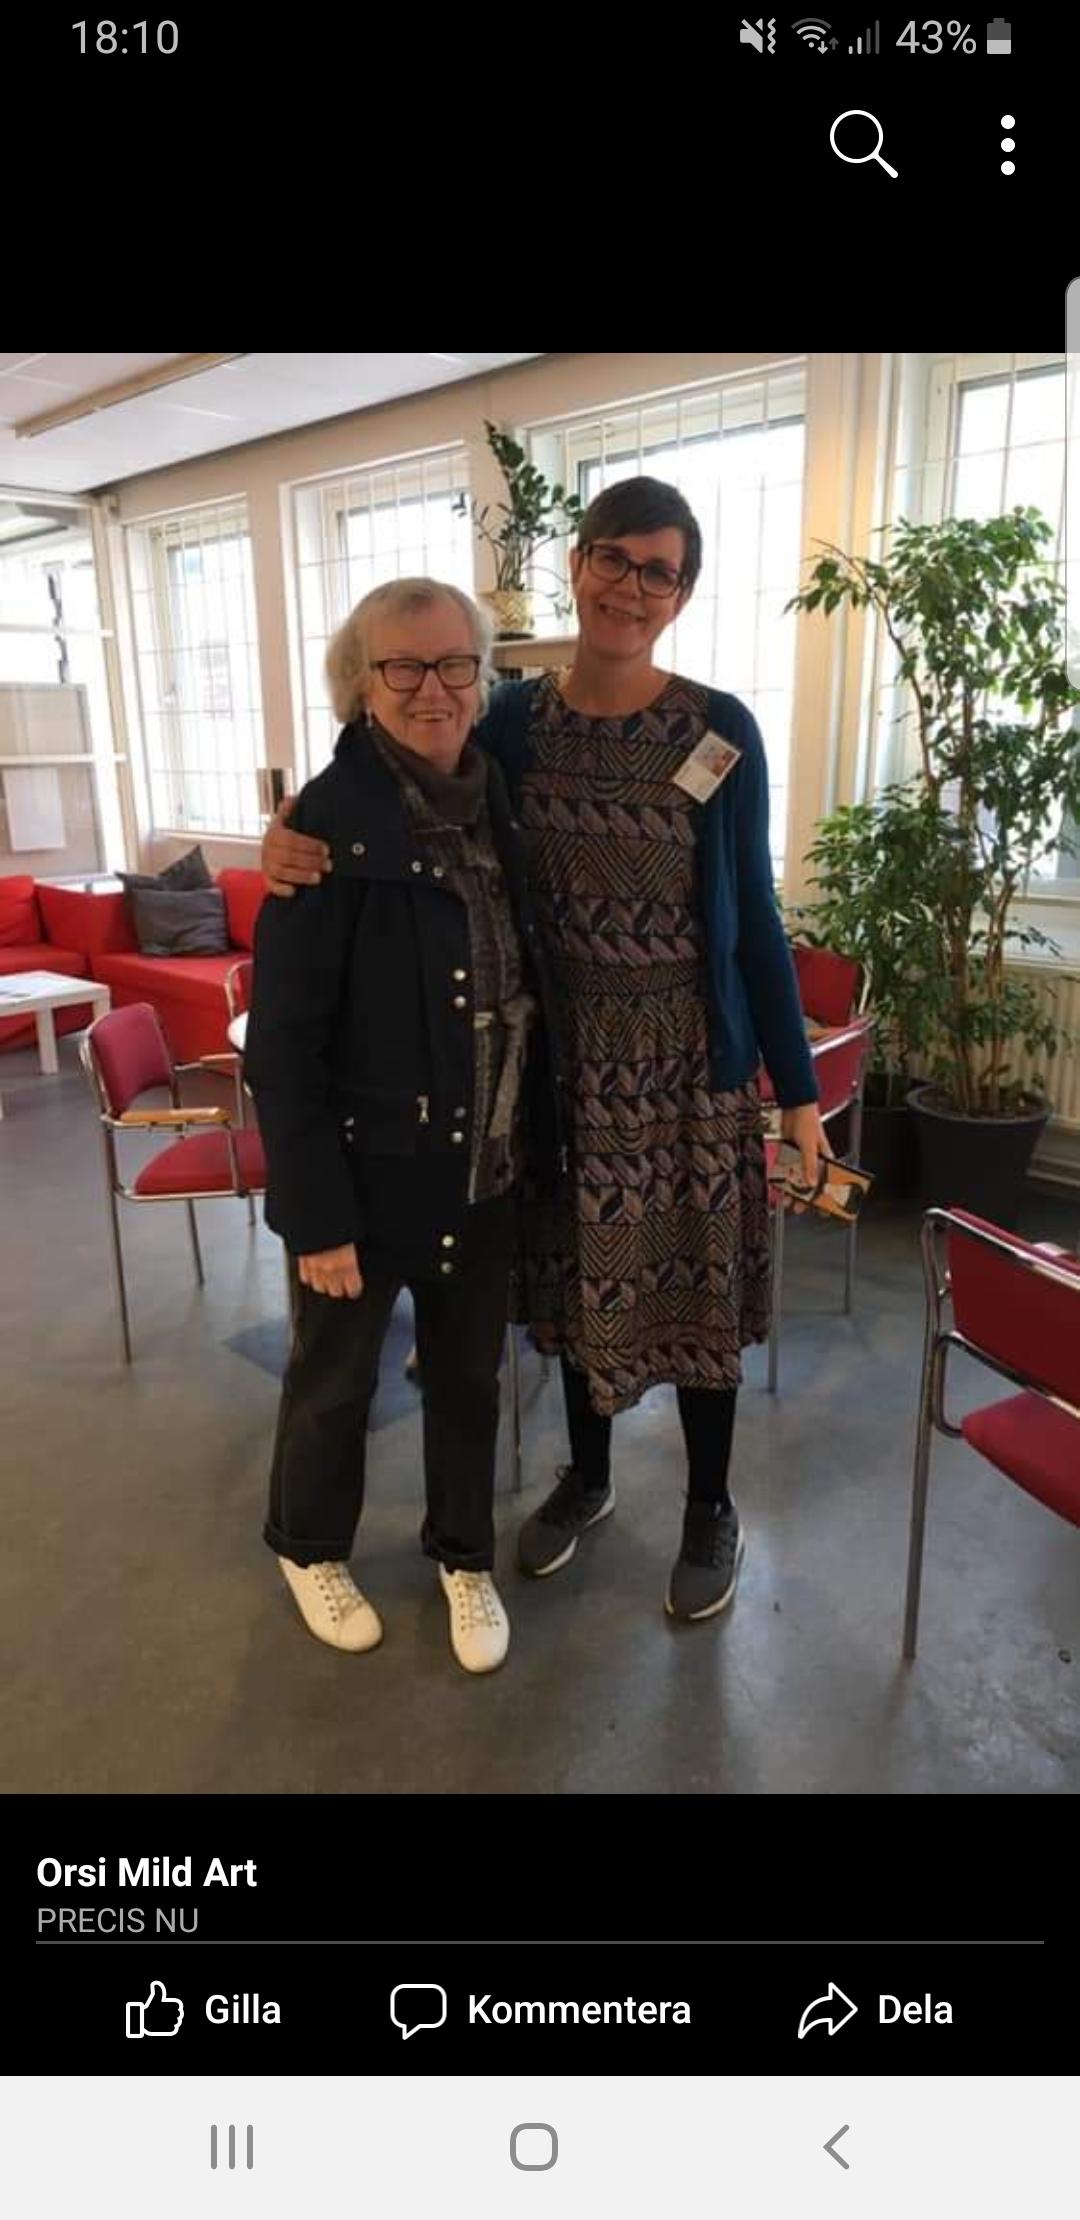 Kjerstin Krantz och jag. Foto: Orsi Mild